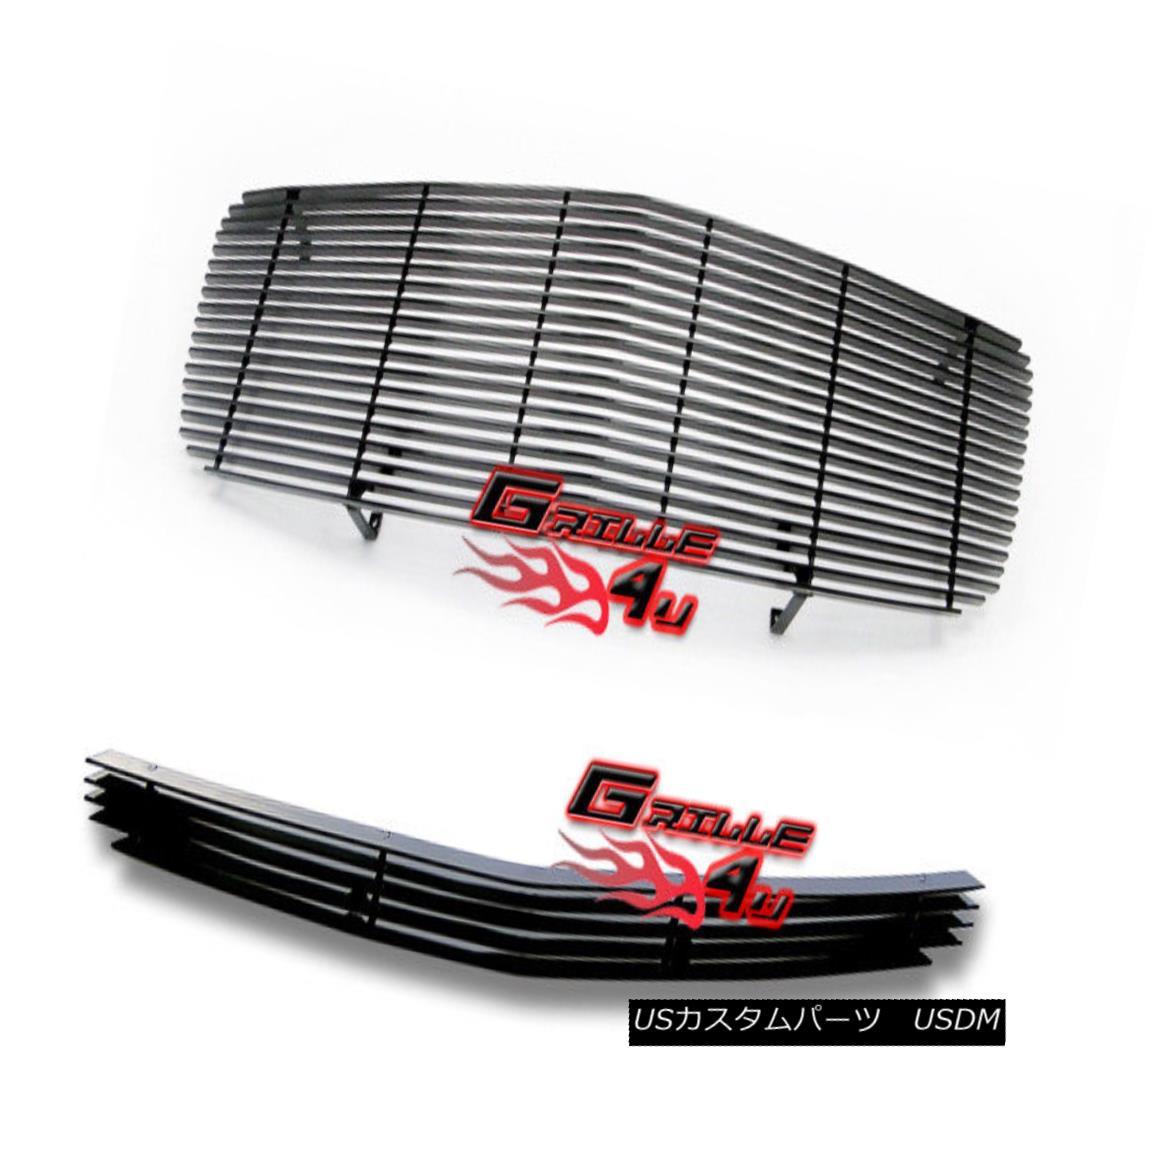 グリル Customized For 05-10 Dodge Charger Black Billet Premium Grille Combo Insert 05-10ダッジチャージャブラックビレットプレミアムグリルコンボインサート用にカスタマイズ